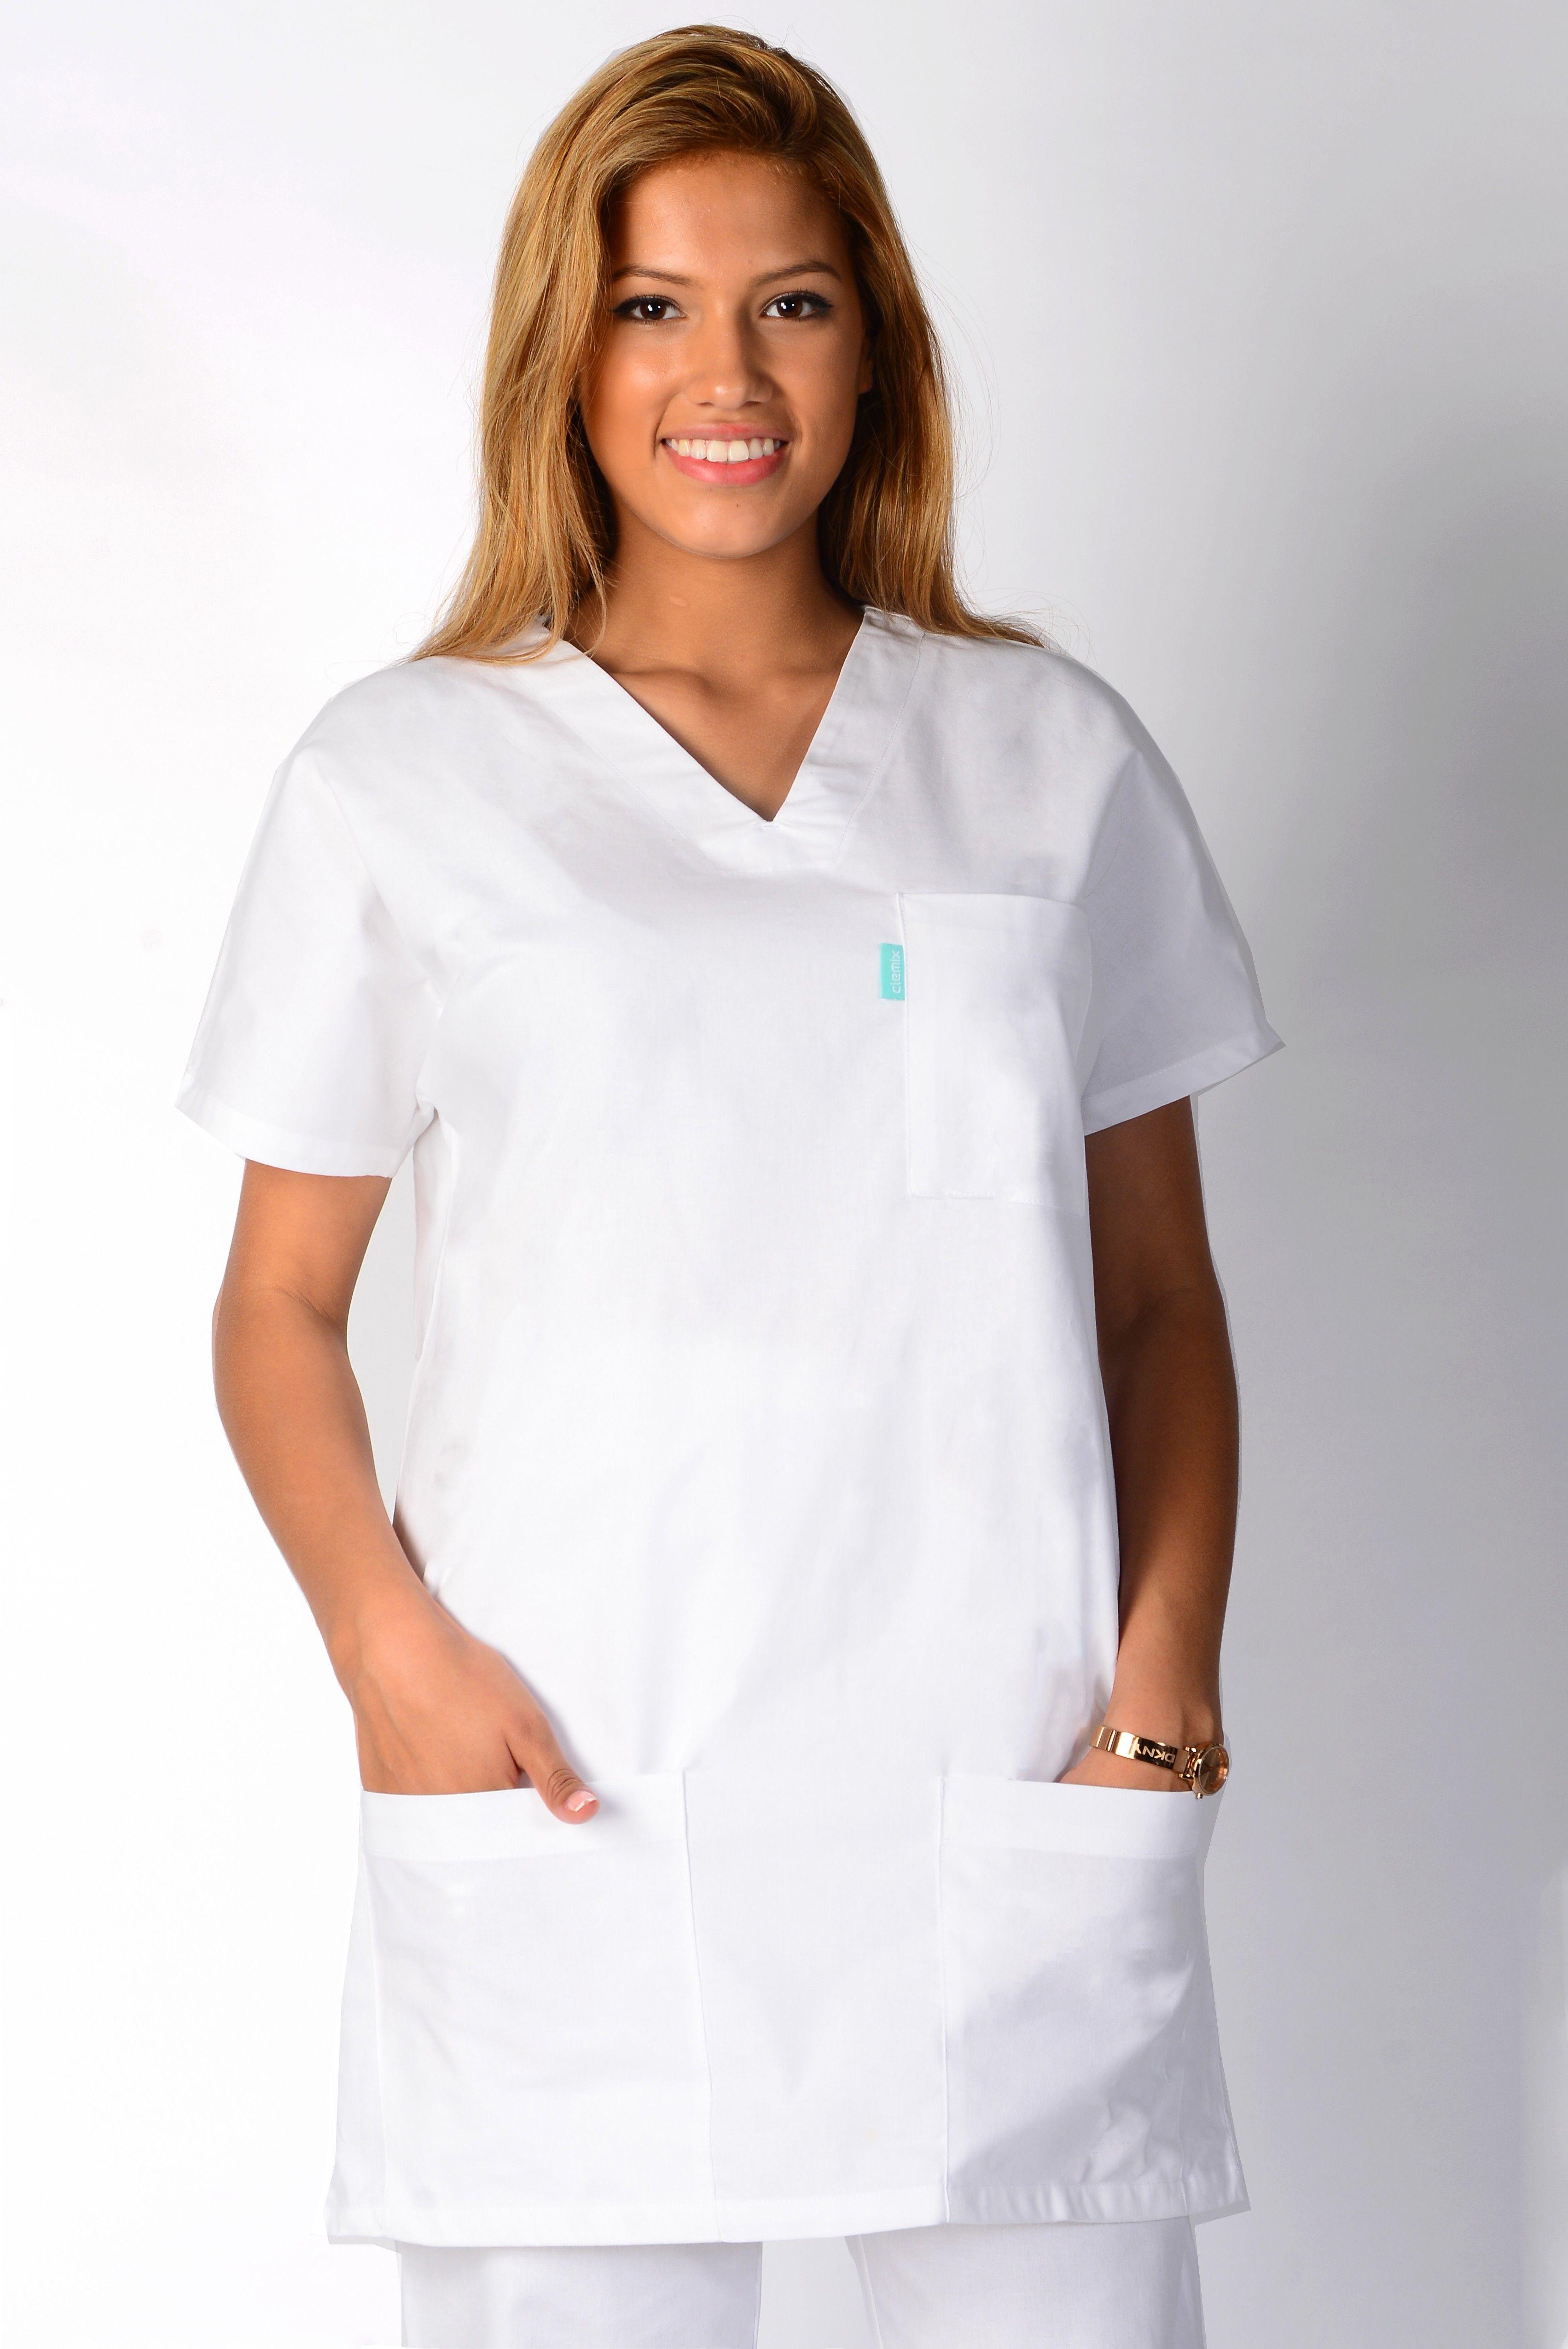 81fe12ea75 Tunique Medicale Premier Prix Unisexe Lafont Alexis | nurse | Blouse ...